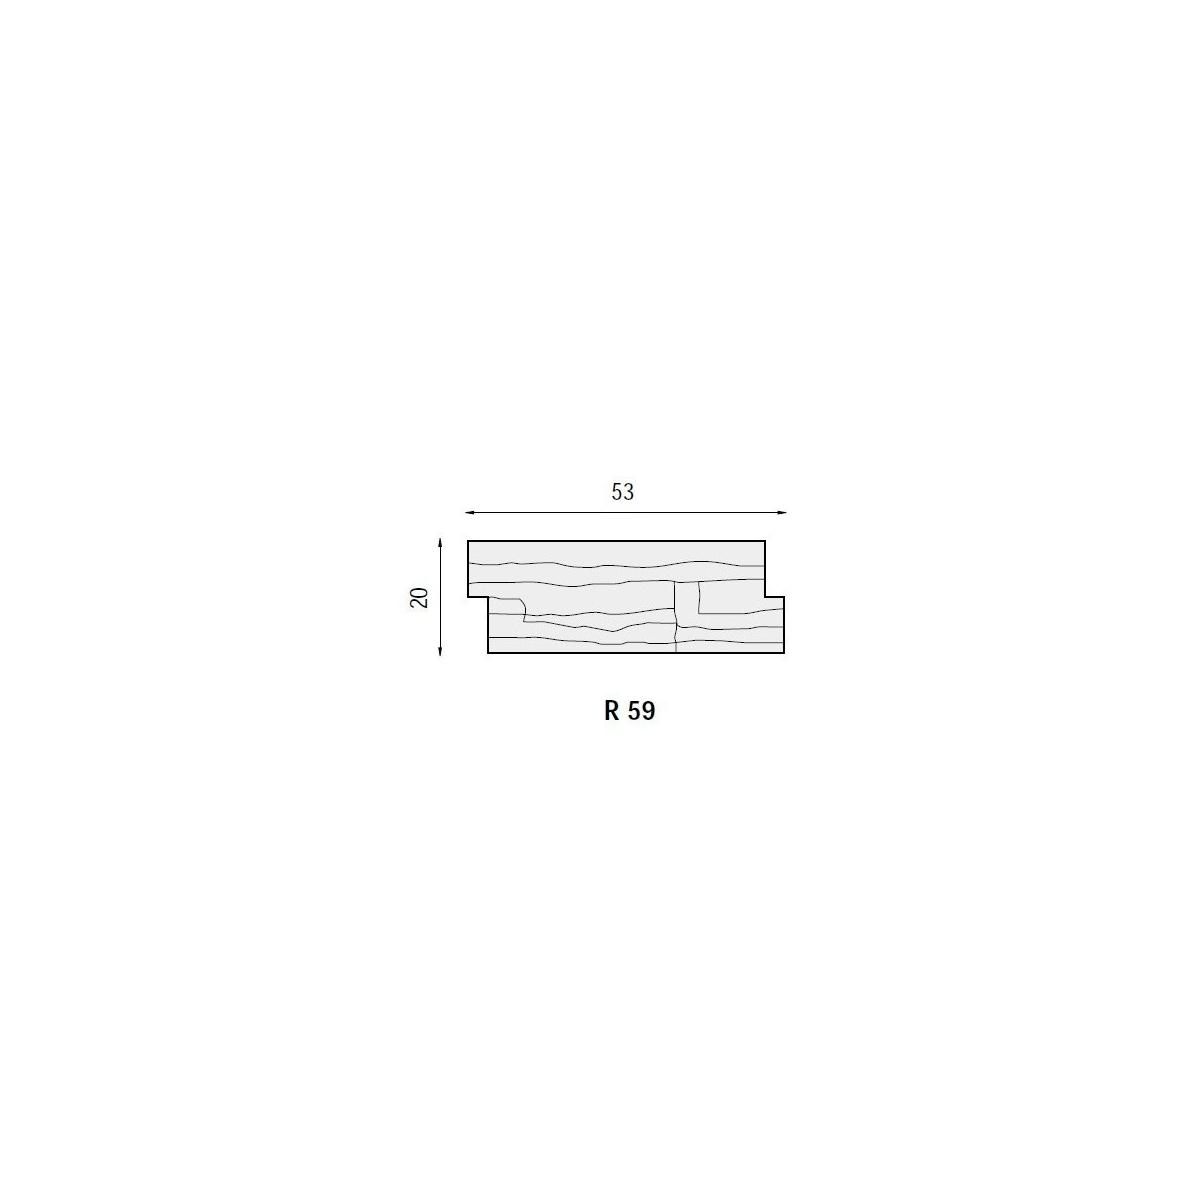 Plaqueta R59 Chicago (Caja 1m2) Revesti-Mur